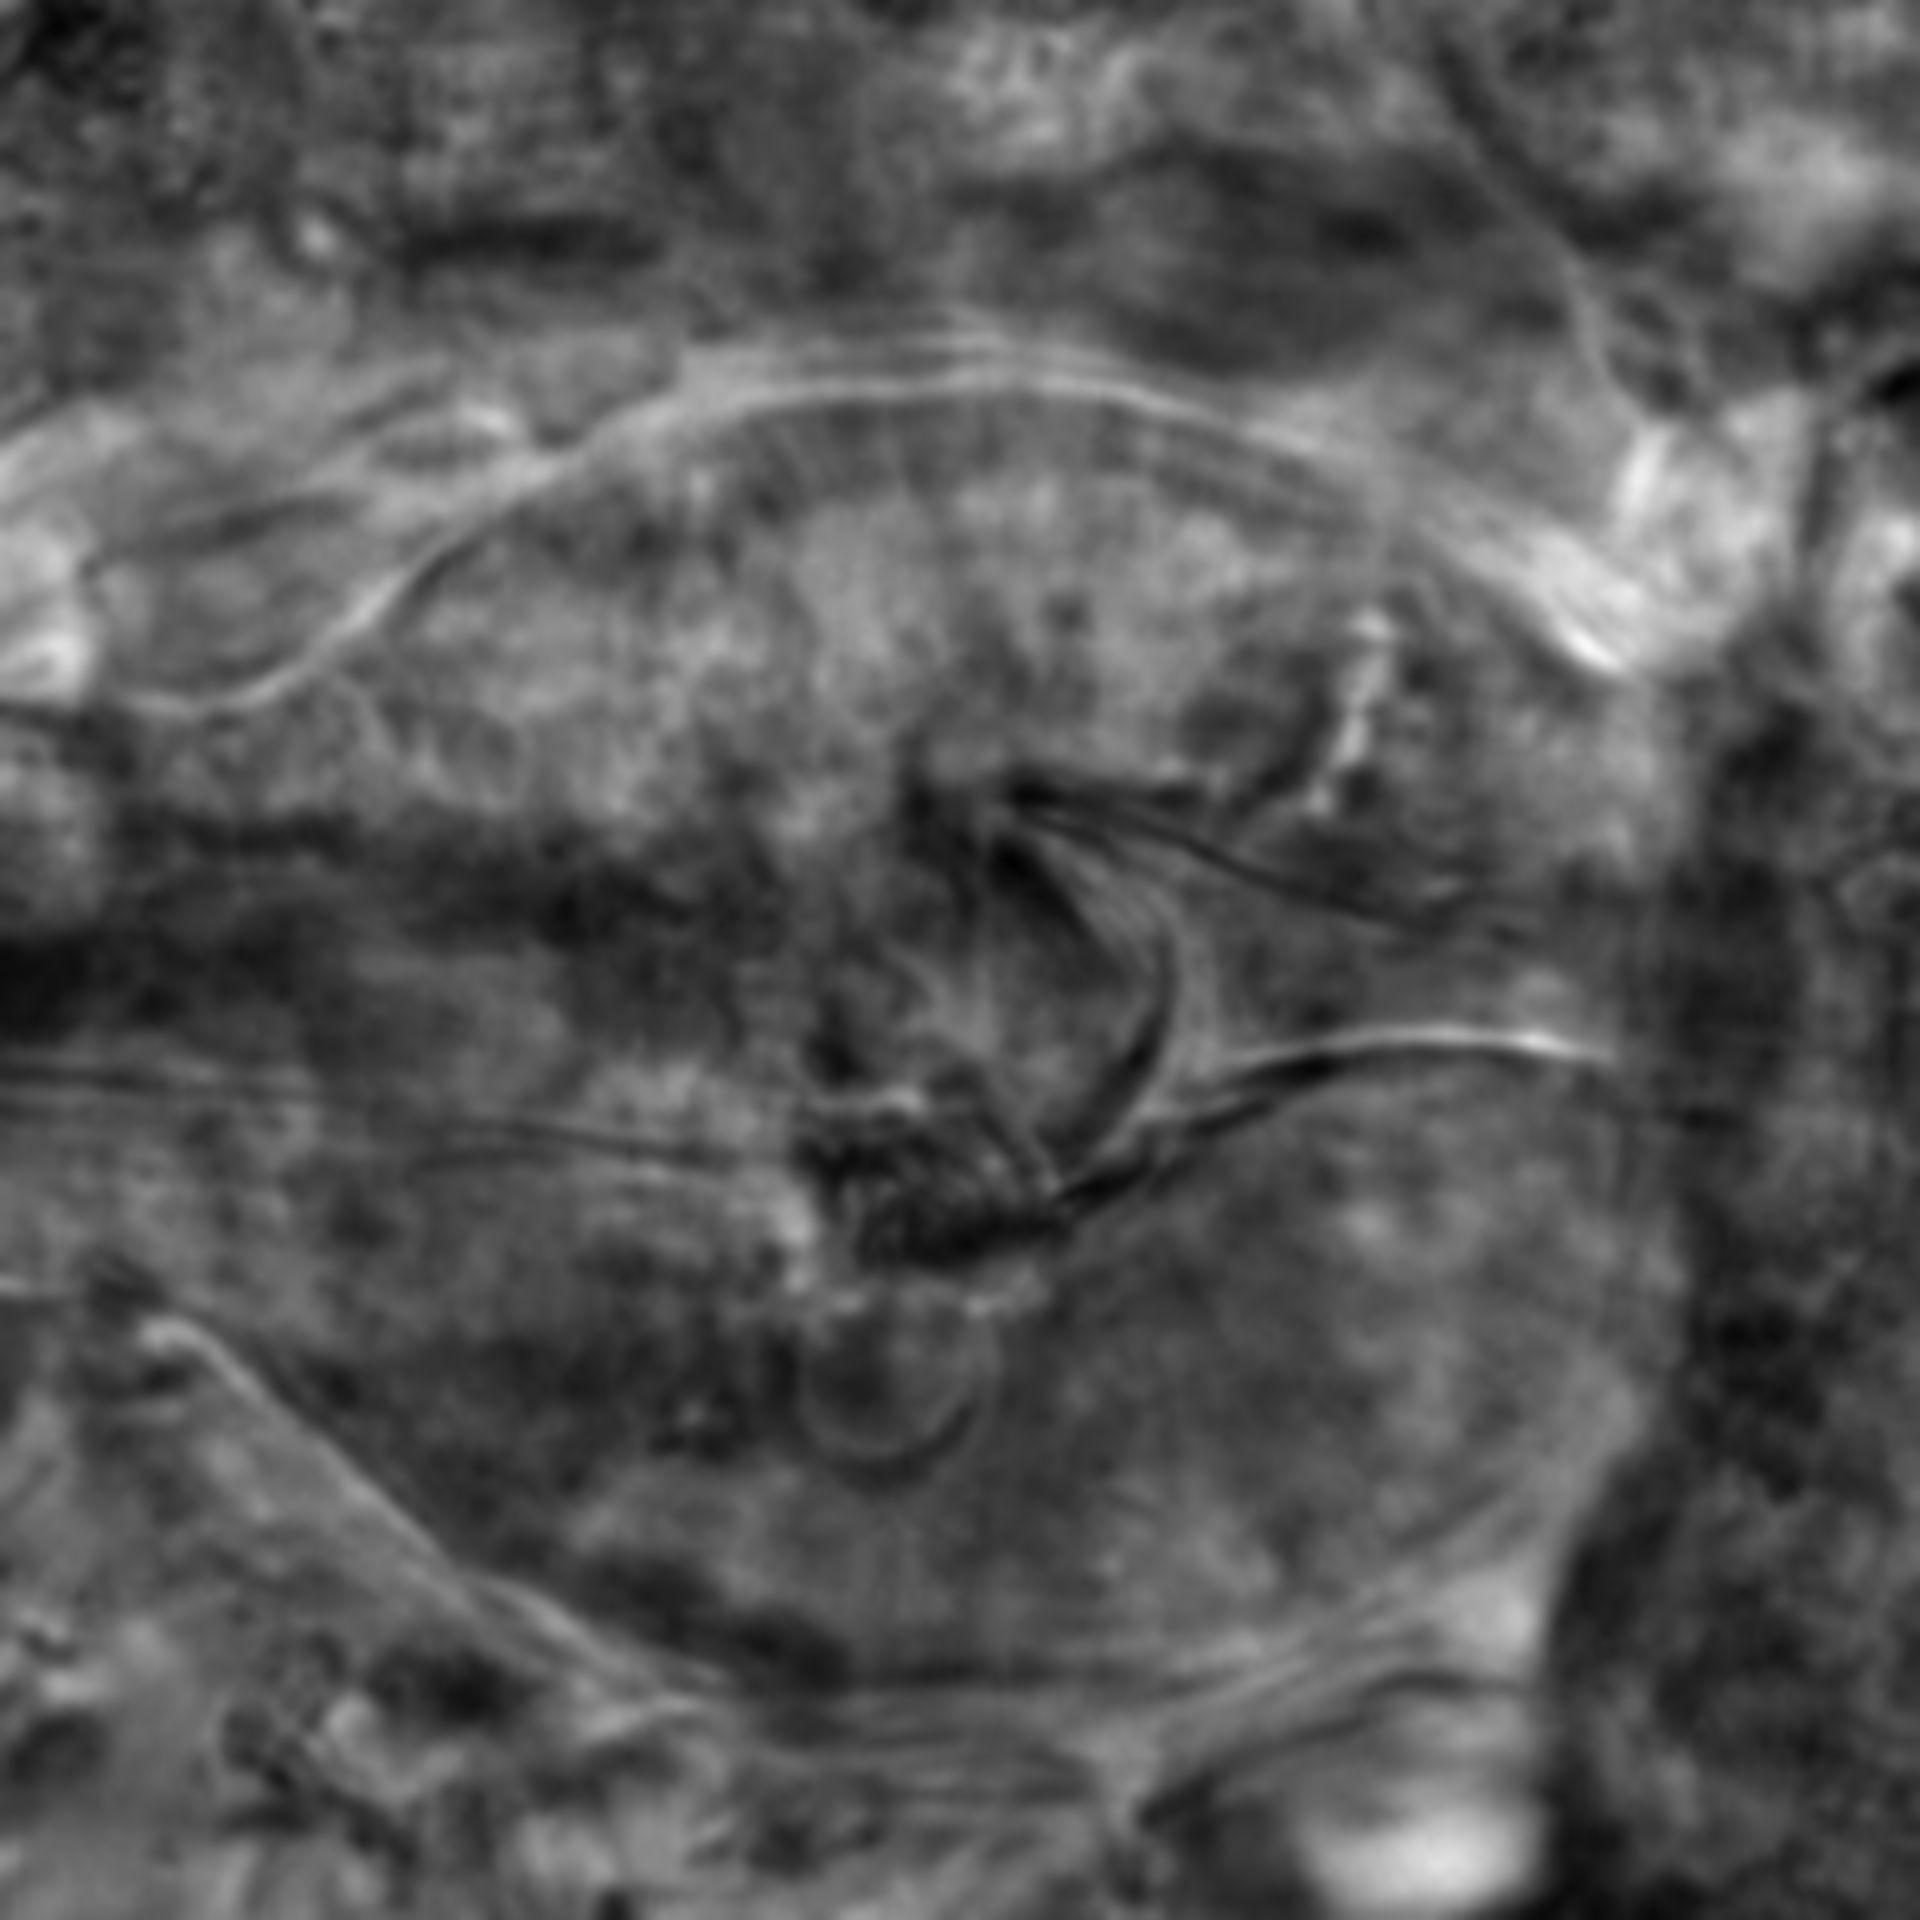 Caenorhabditis elegans - CIL:2782